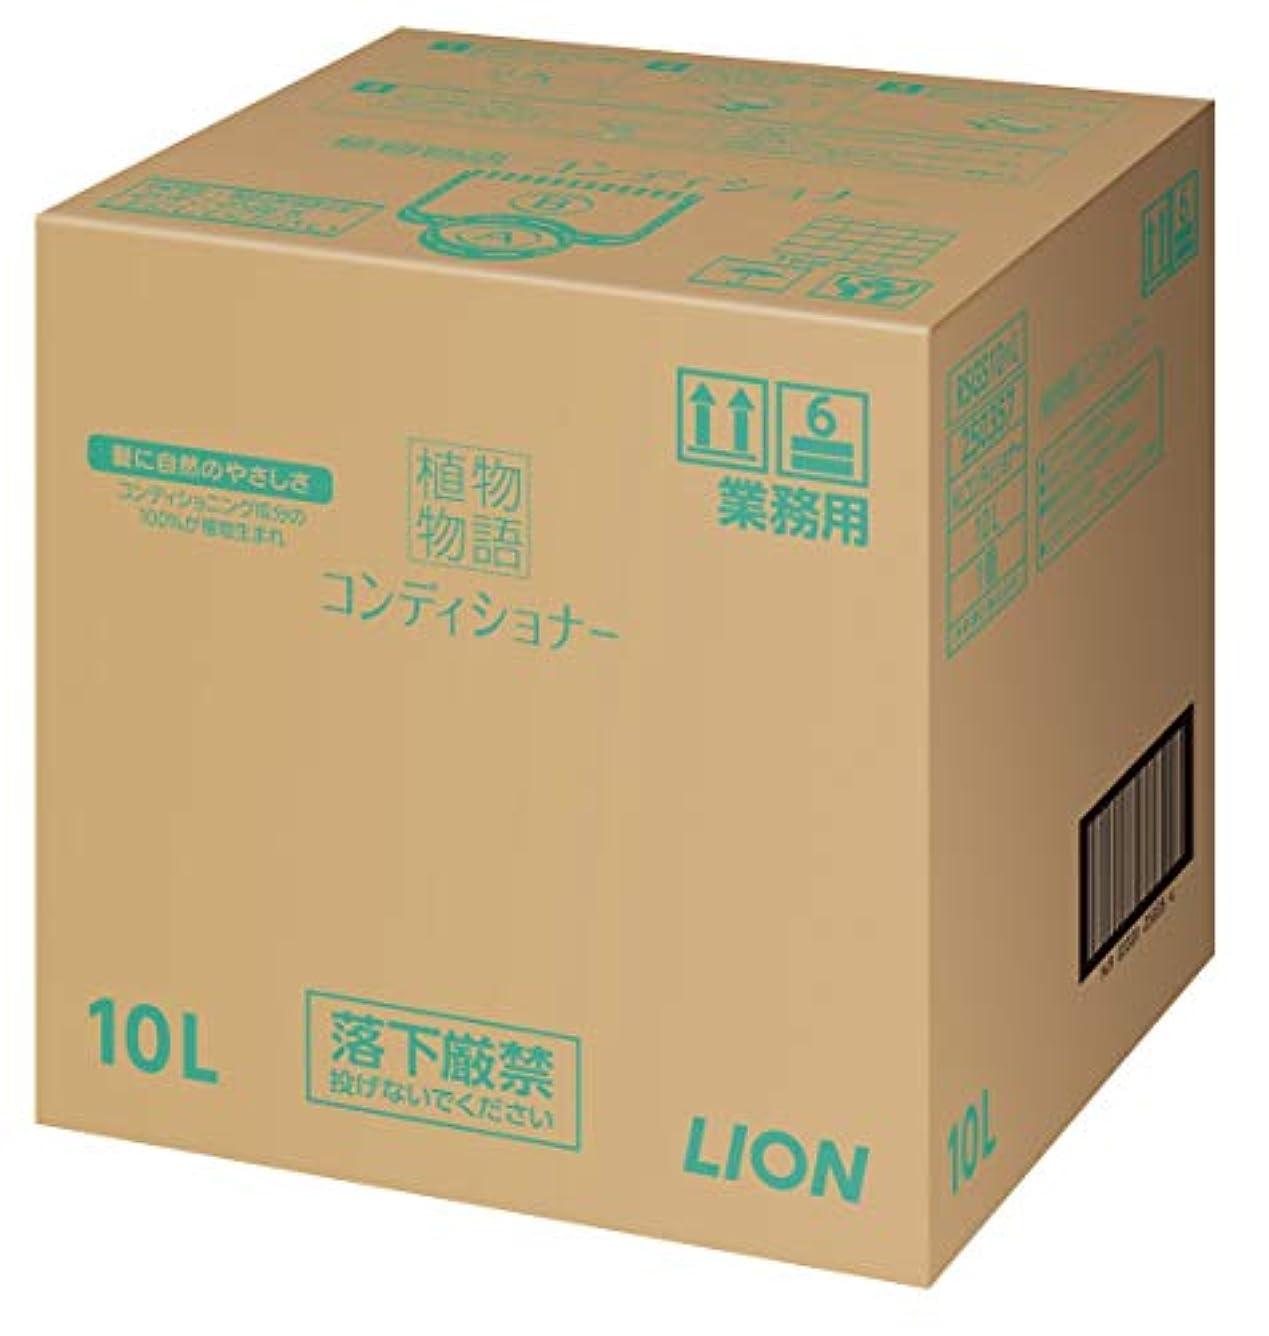 フォーマット階燃料【大容量】植物物語コンディショナー10L